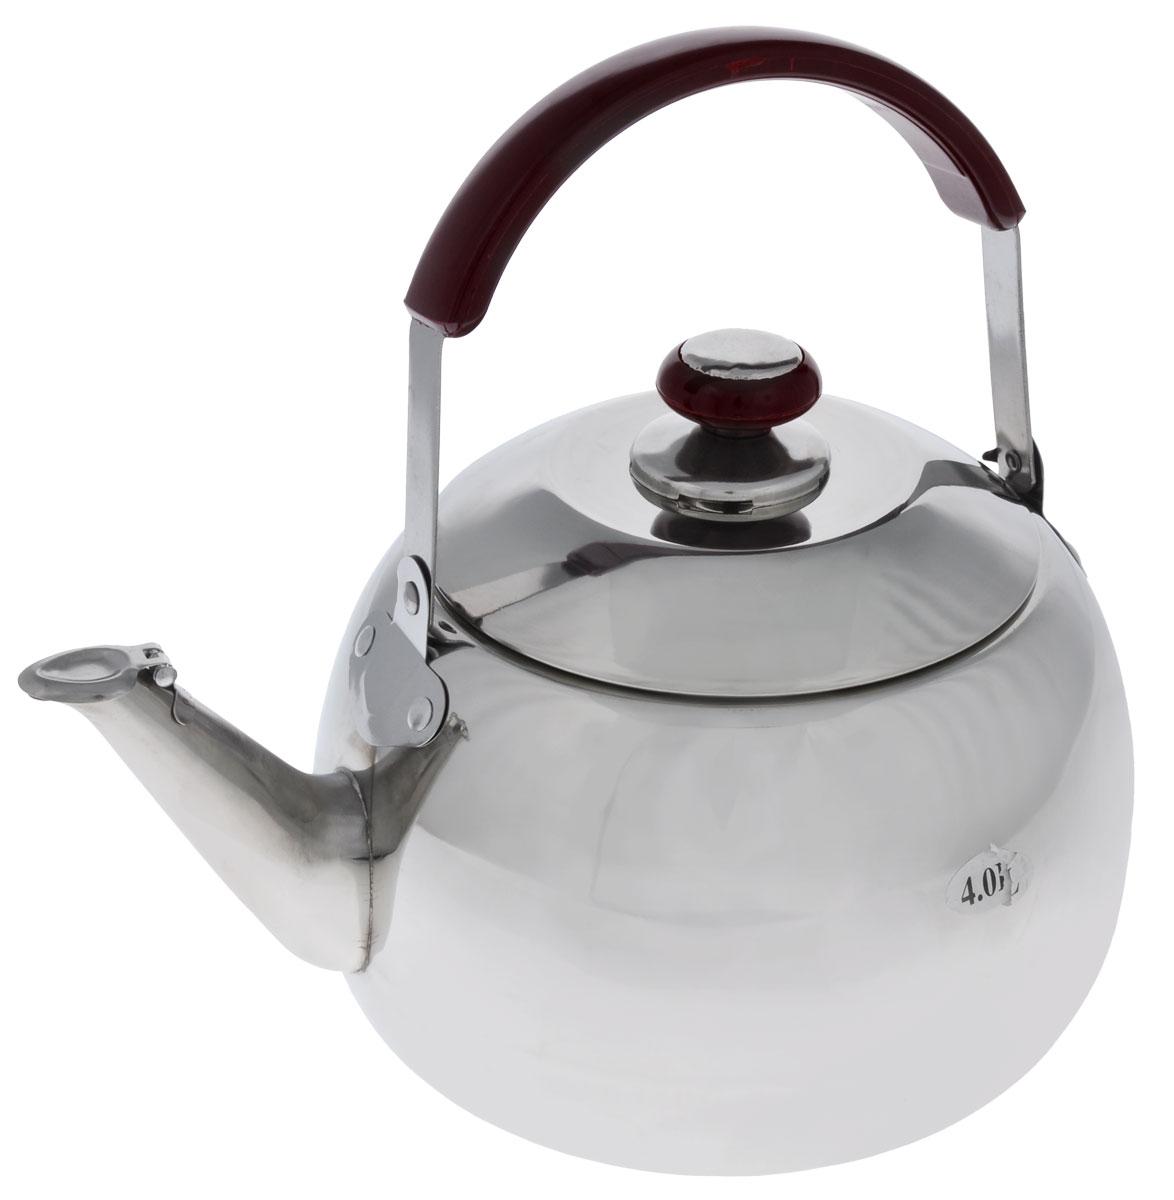 Чайник Mayer & Boch со свистком, 4 л54 009305Корпус чайника Mayer & Boch выполнен из высококачественной нержавеющей стали с зеркальной поверхностью, что обеспечивает долговечность использования. Подвижная ручка из стали с накладкой из бакелита делает использование чайника очень удобным и безопасным. Крышка из нержавеющей стали снабжена свистком, что позволит вам контролировать процесс подогрева или кипячения воды. Капсулированное дно с прослойкой из алюминия обеспечивает наилучшее распределение тепла. Эстетичный и функциональный, с эксклюзивным дизайном, чайник будет оригинально смотреться в любом интерьере. Можно мыть в посудомоечной машине.Диаметр основания чайника: 17 см.Высота чайника (без учета крышки): 13 см.Высота чайника (с учетом крышки): 18 см.